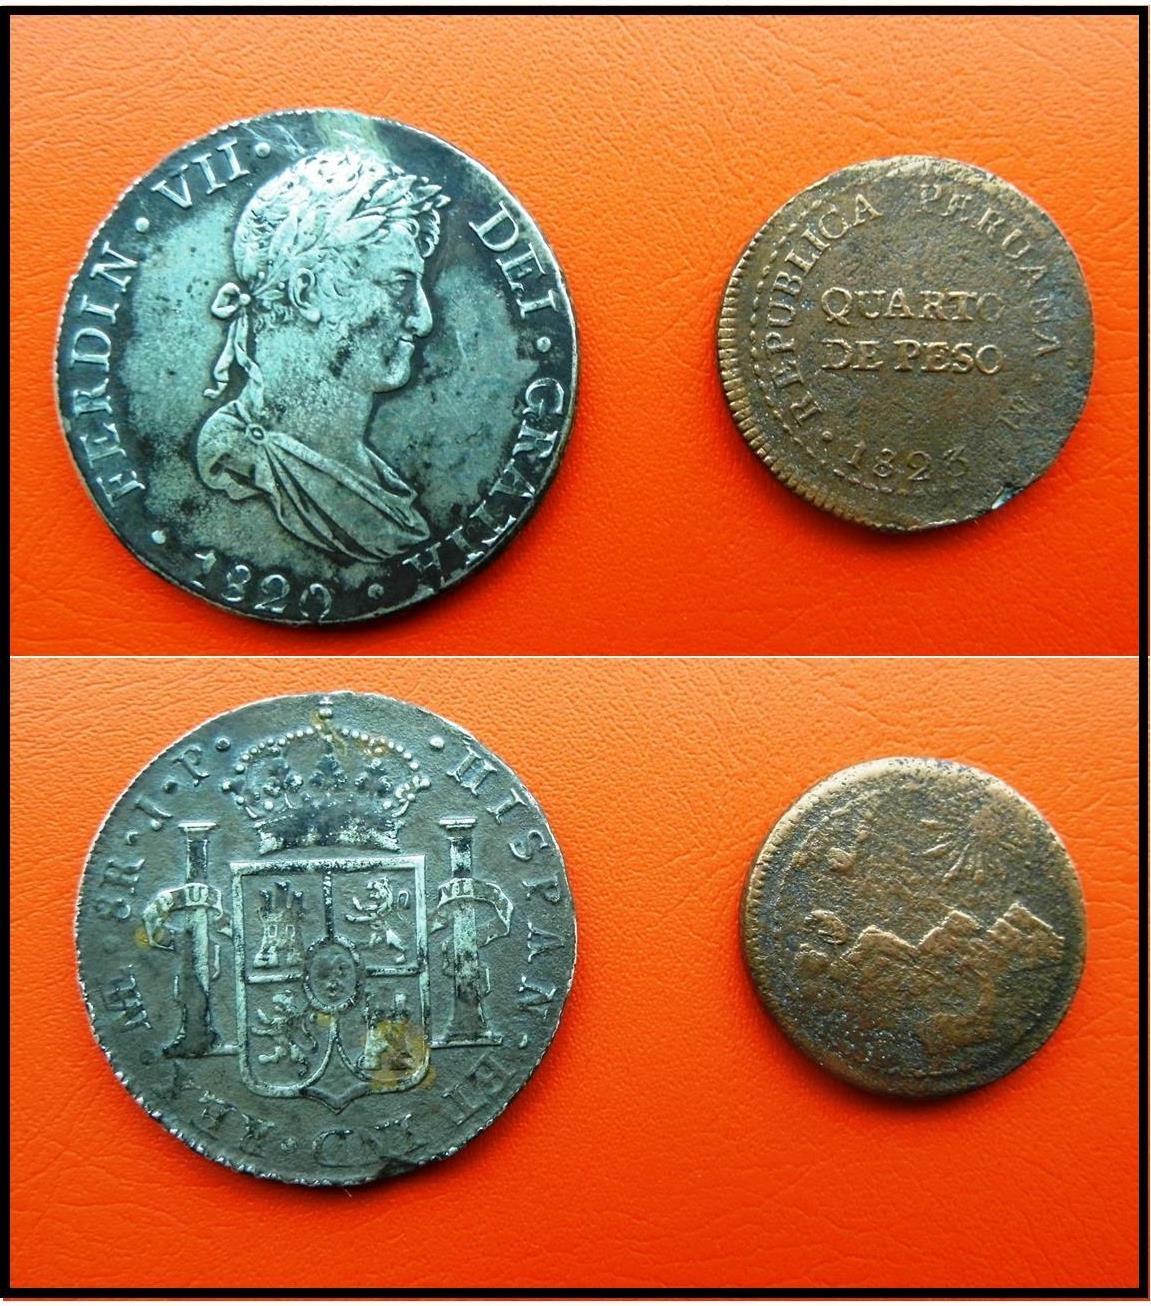 Las monedas son el símbolo de cambios en la estructura económica y social, acá se observa las última moneda acuñada, una durante la colonia y la nueva acuñada en el proceso de independencia (Colección IC-Ruricancho)